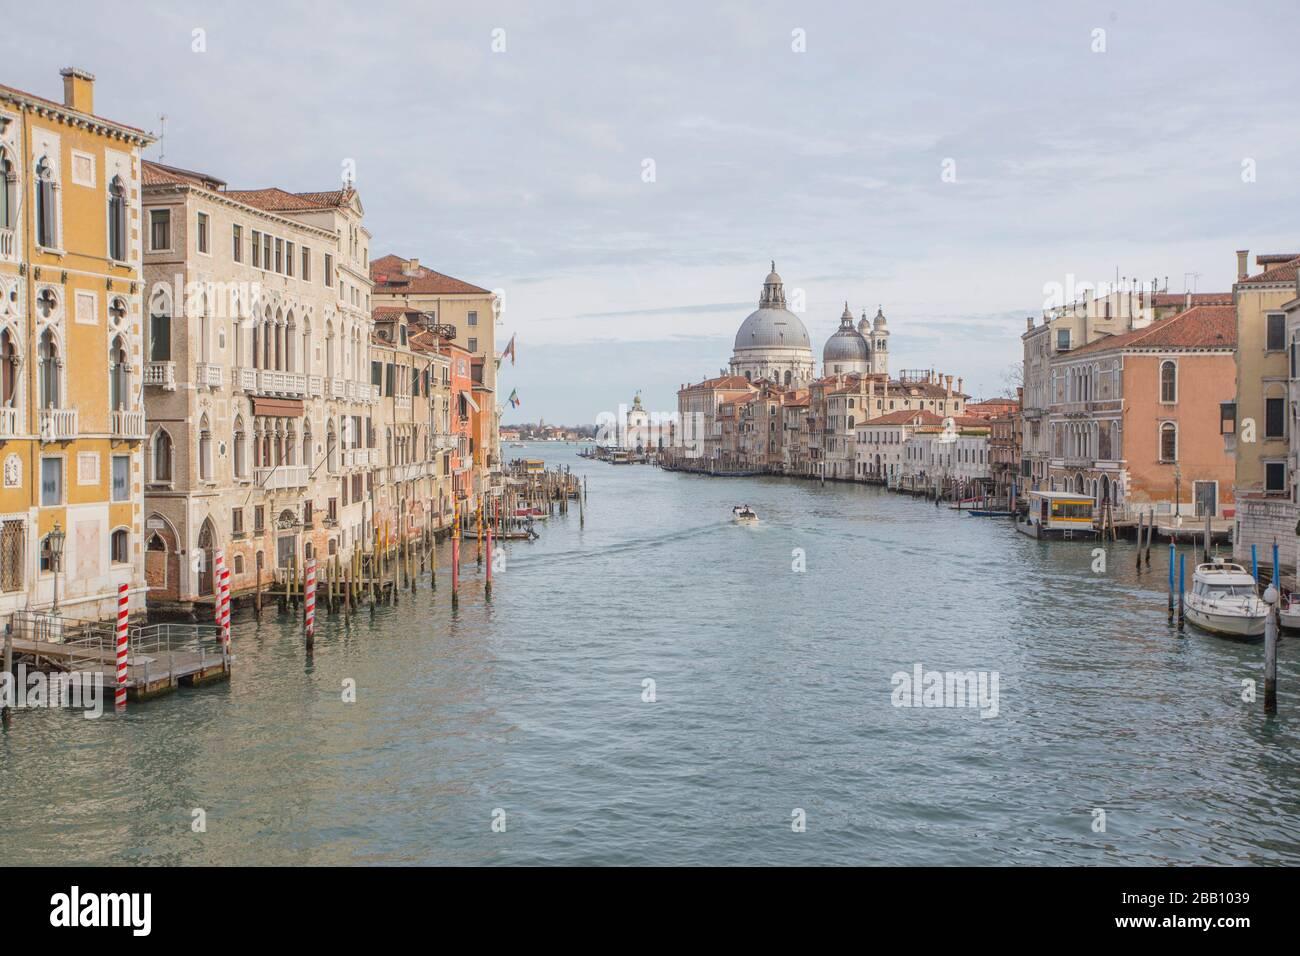 Venise Vénétie Italie le 19 janvier 2019: Vue sur Grand Canal de pont de l'Accademia.. Banque D'Images